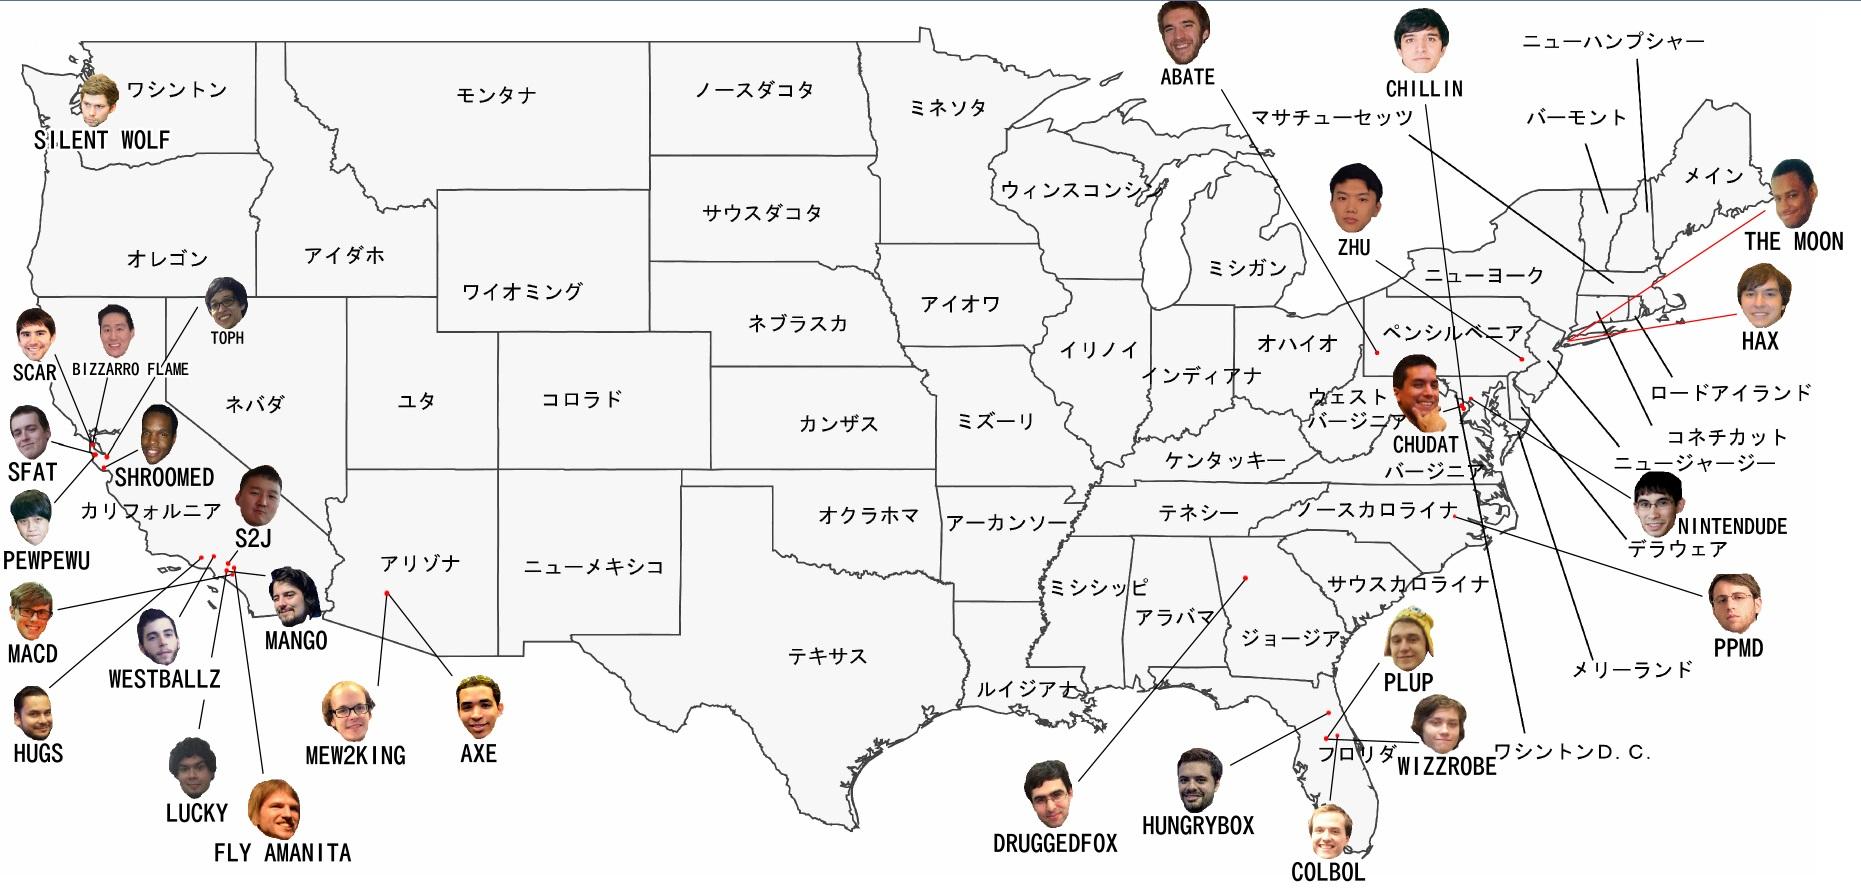 playermap.jpg